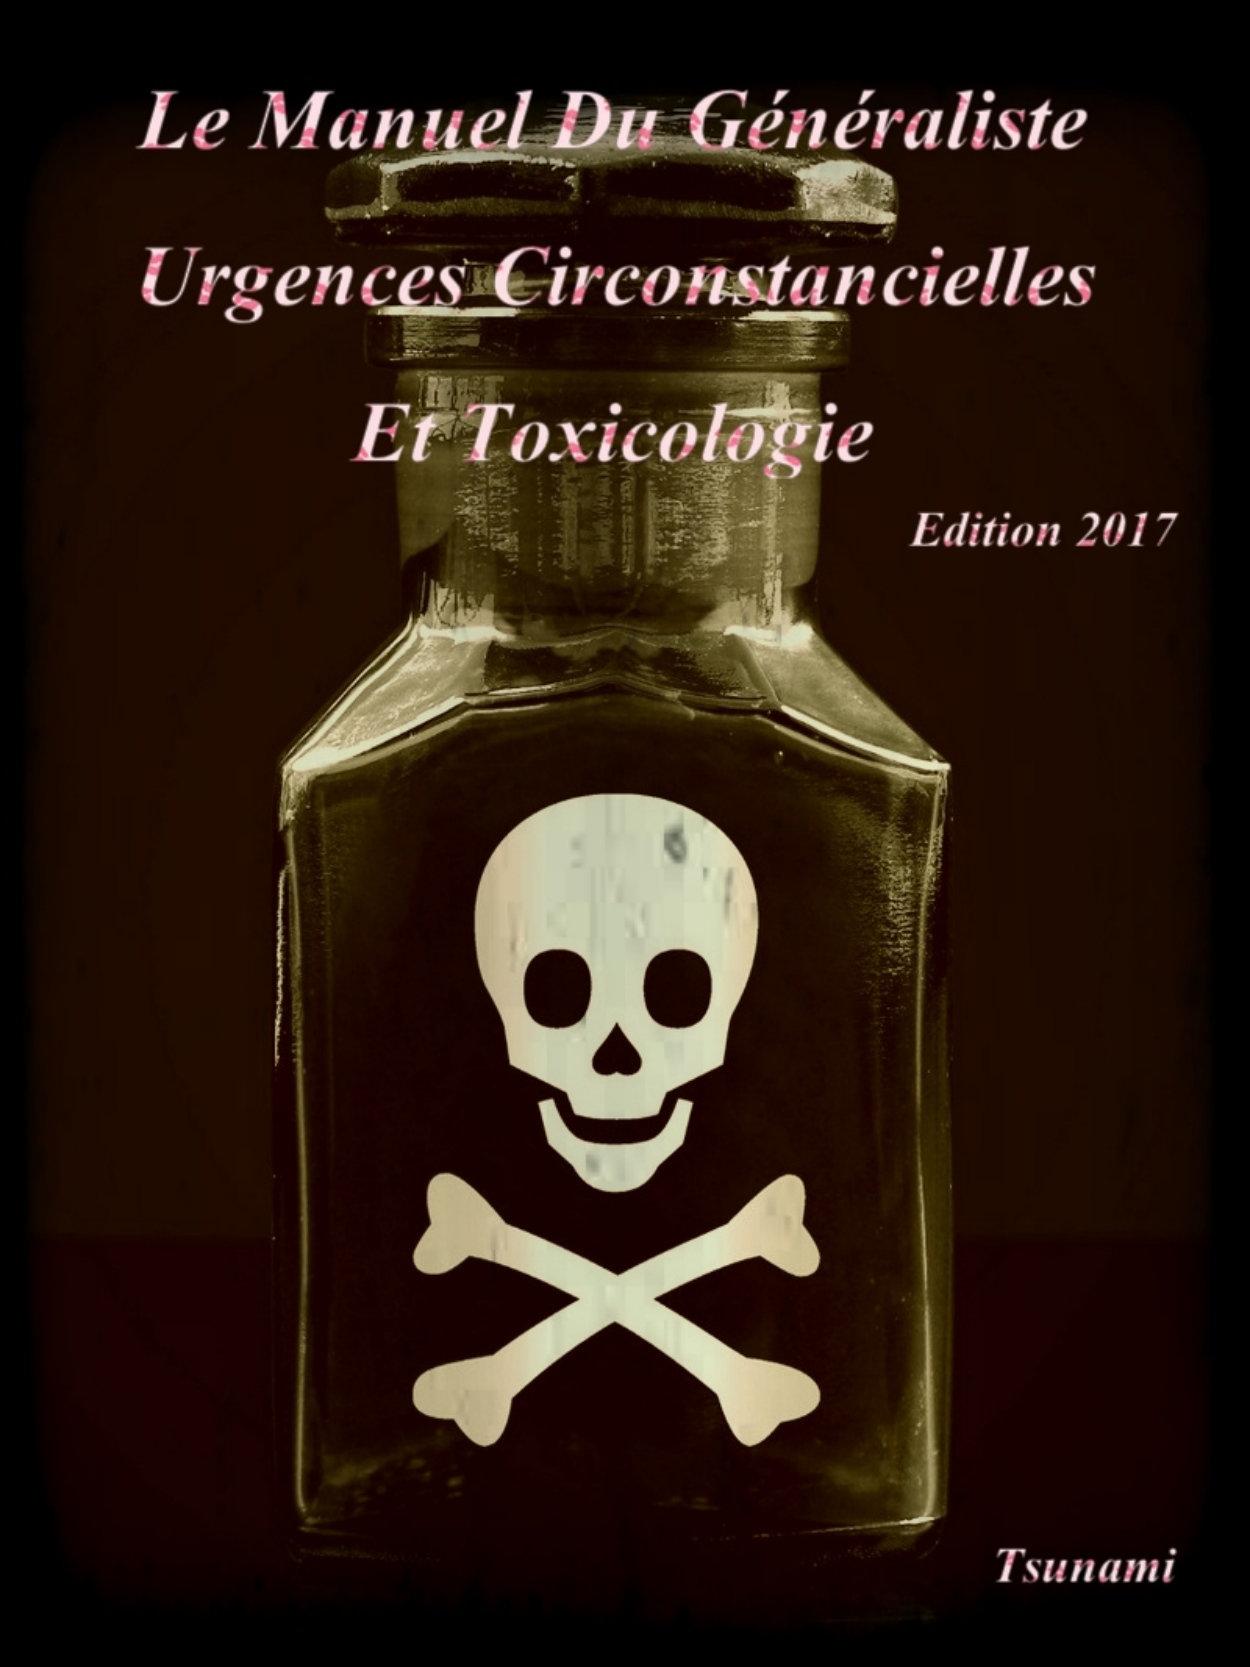 télécharger Urgences Circonstancielles et Toxicologie : Le manuel du généraliste 2017. Tsunami